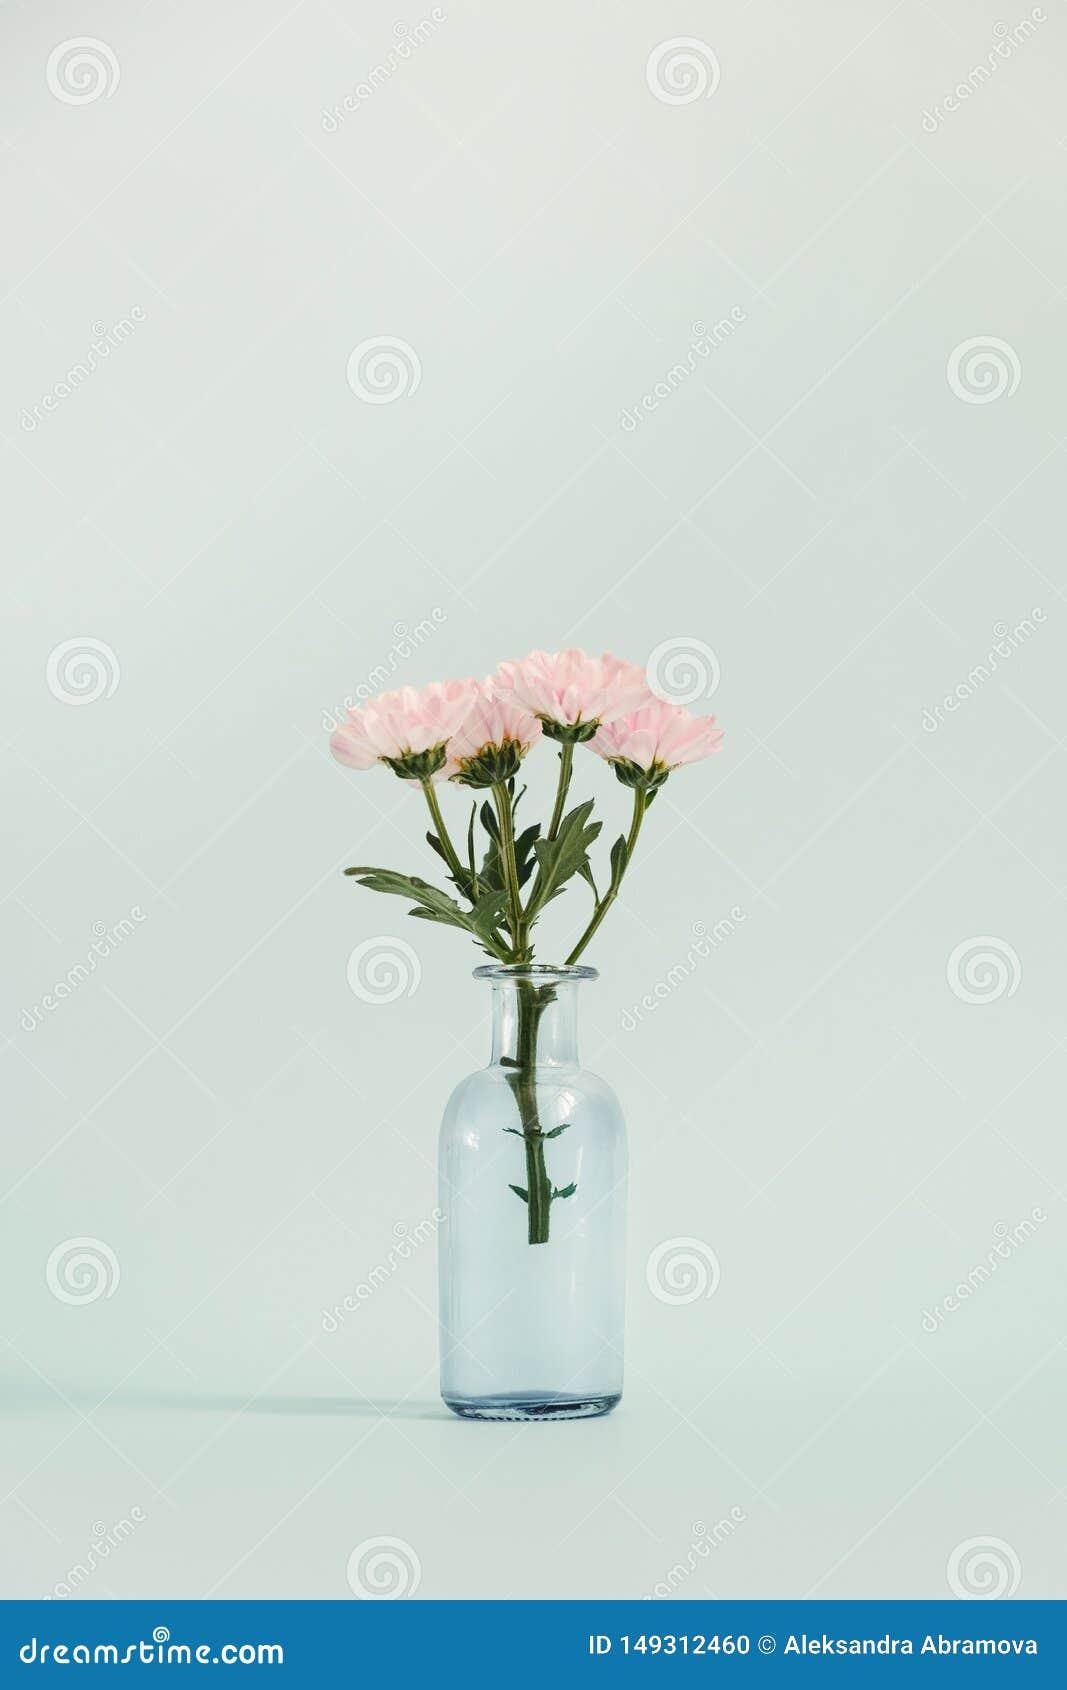 有小花束的玻璃花瓶